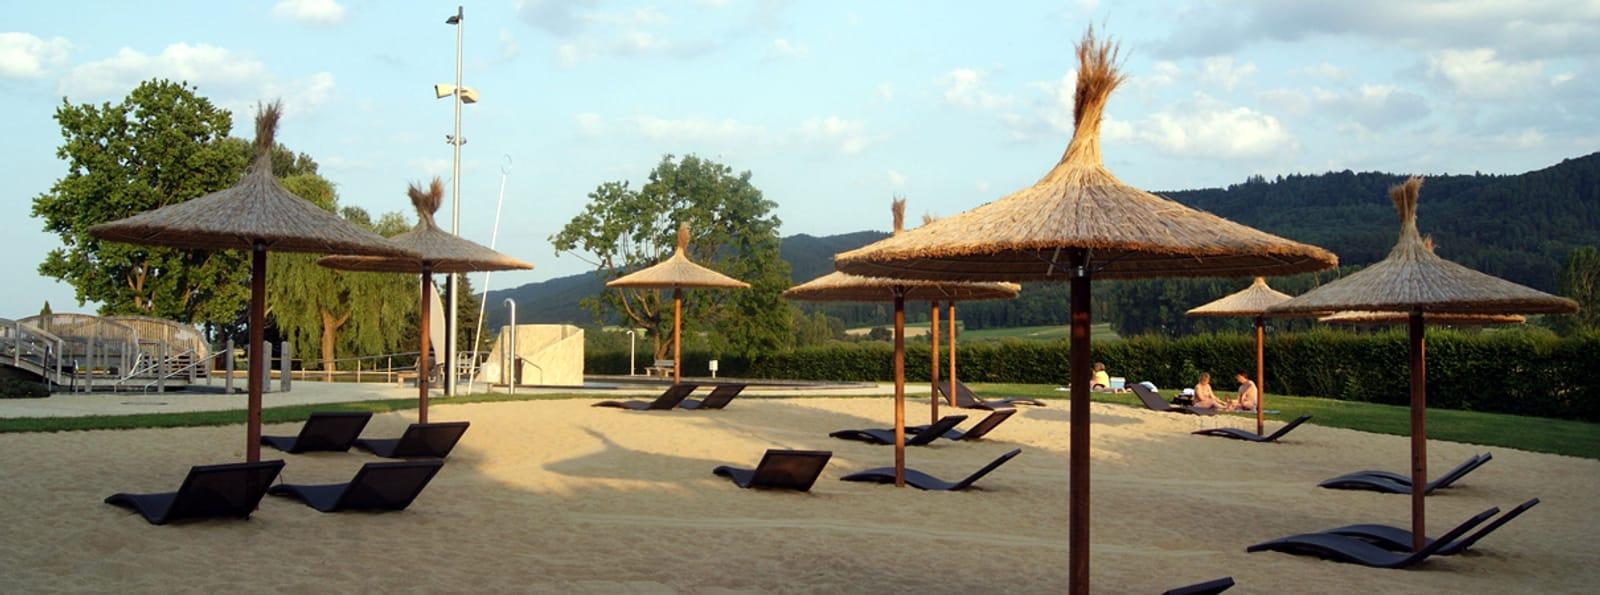 Naturbad Aachtal (20.06.2020)